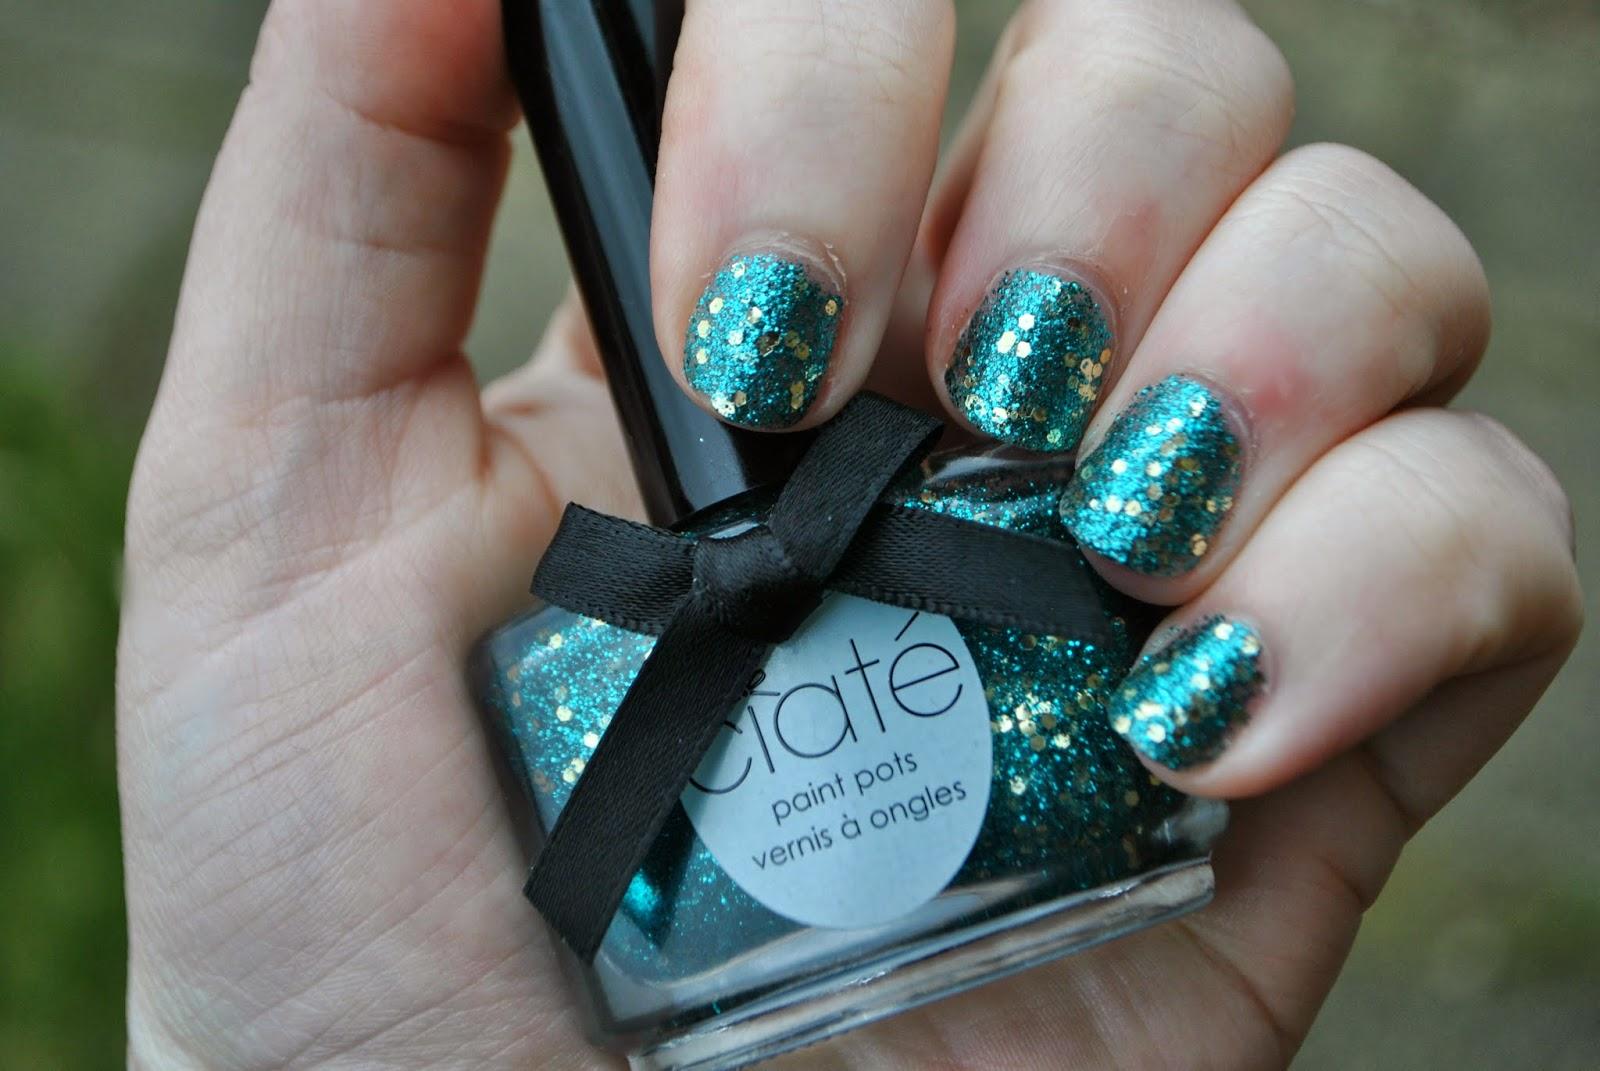 really glittery nail polish